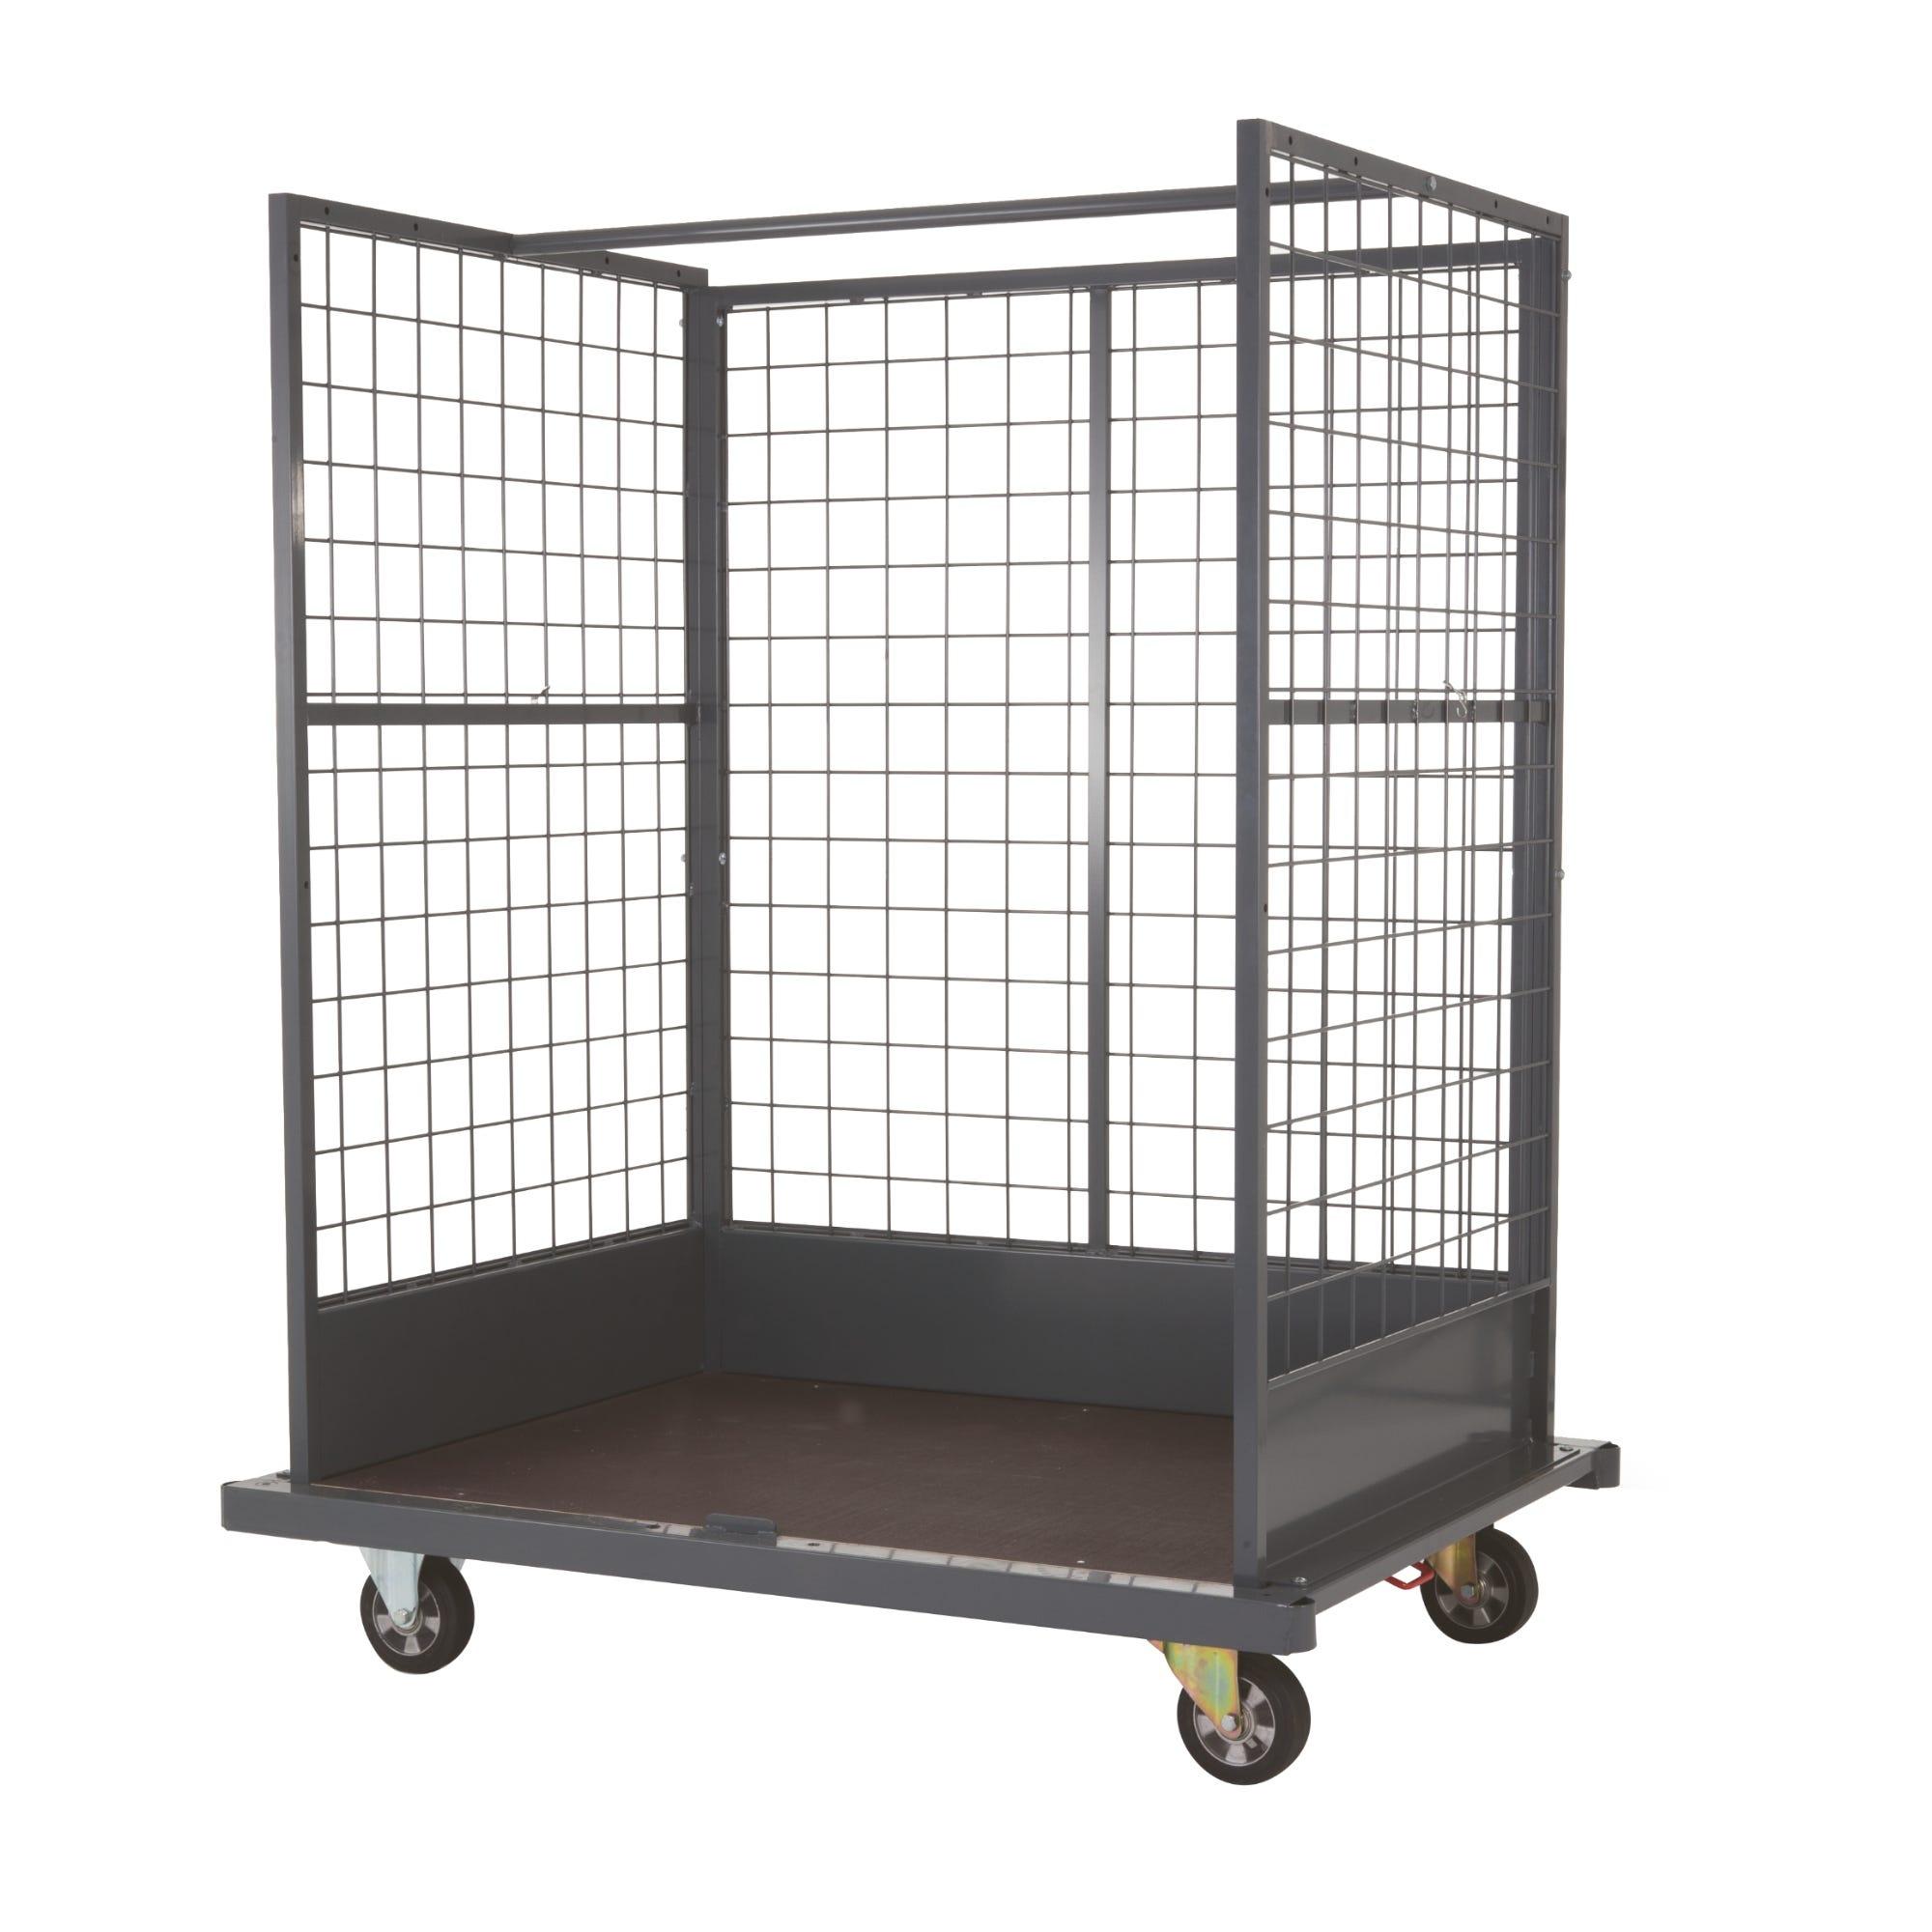 Chariot logistique pour charges volumineuses - L 154,4cm x l115cm x 192cm